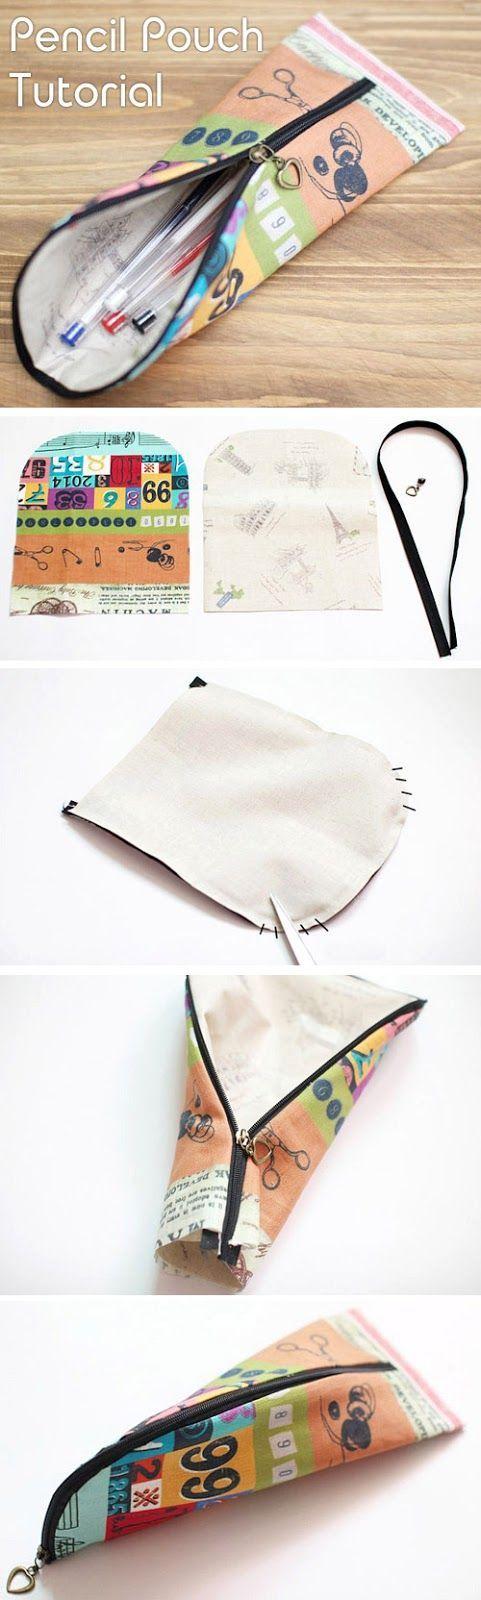 Voici une forme originale pour ranger ses crayons. Il faut 2 morceaux de tissus et une demi-fermeture Zip : Pour plus de précisions: il faut coudre le ruban du zip en sandwich entre les 2 morceaux de tissus endroit contre endroit, on retourne et on met...